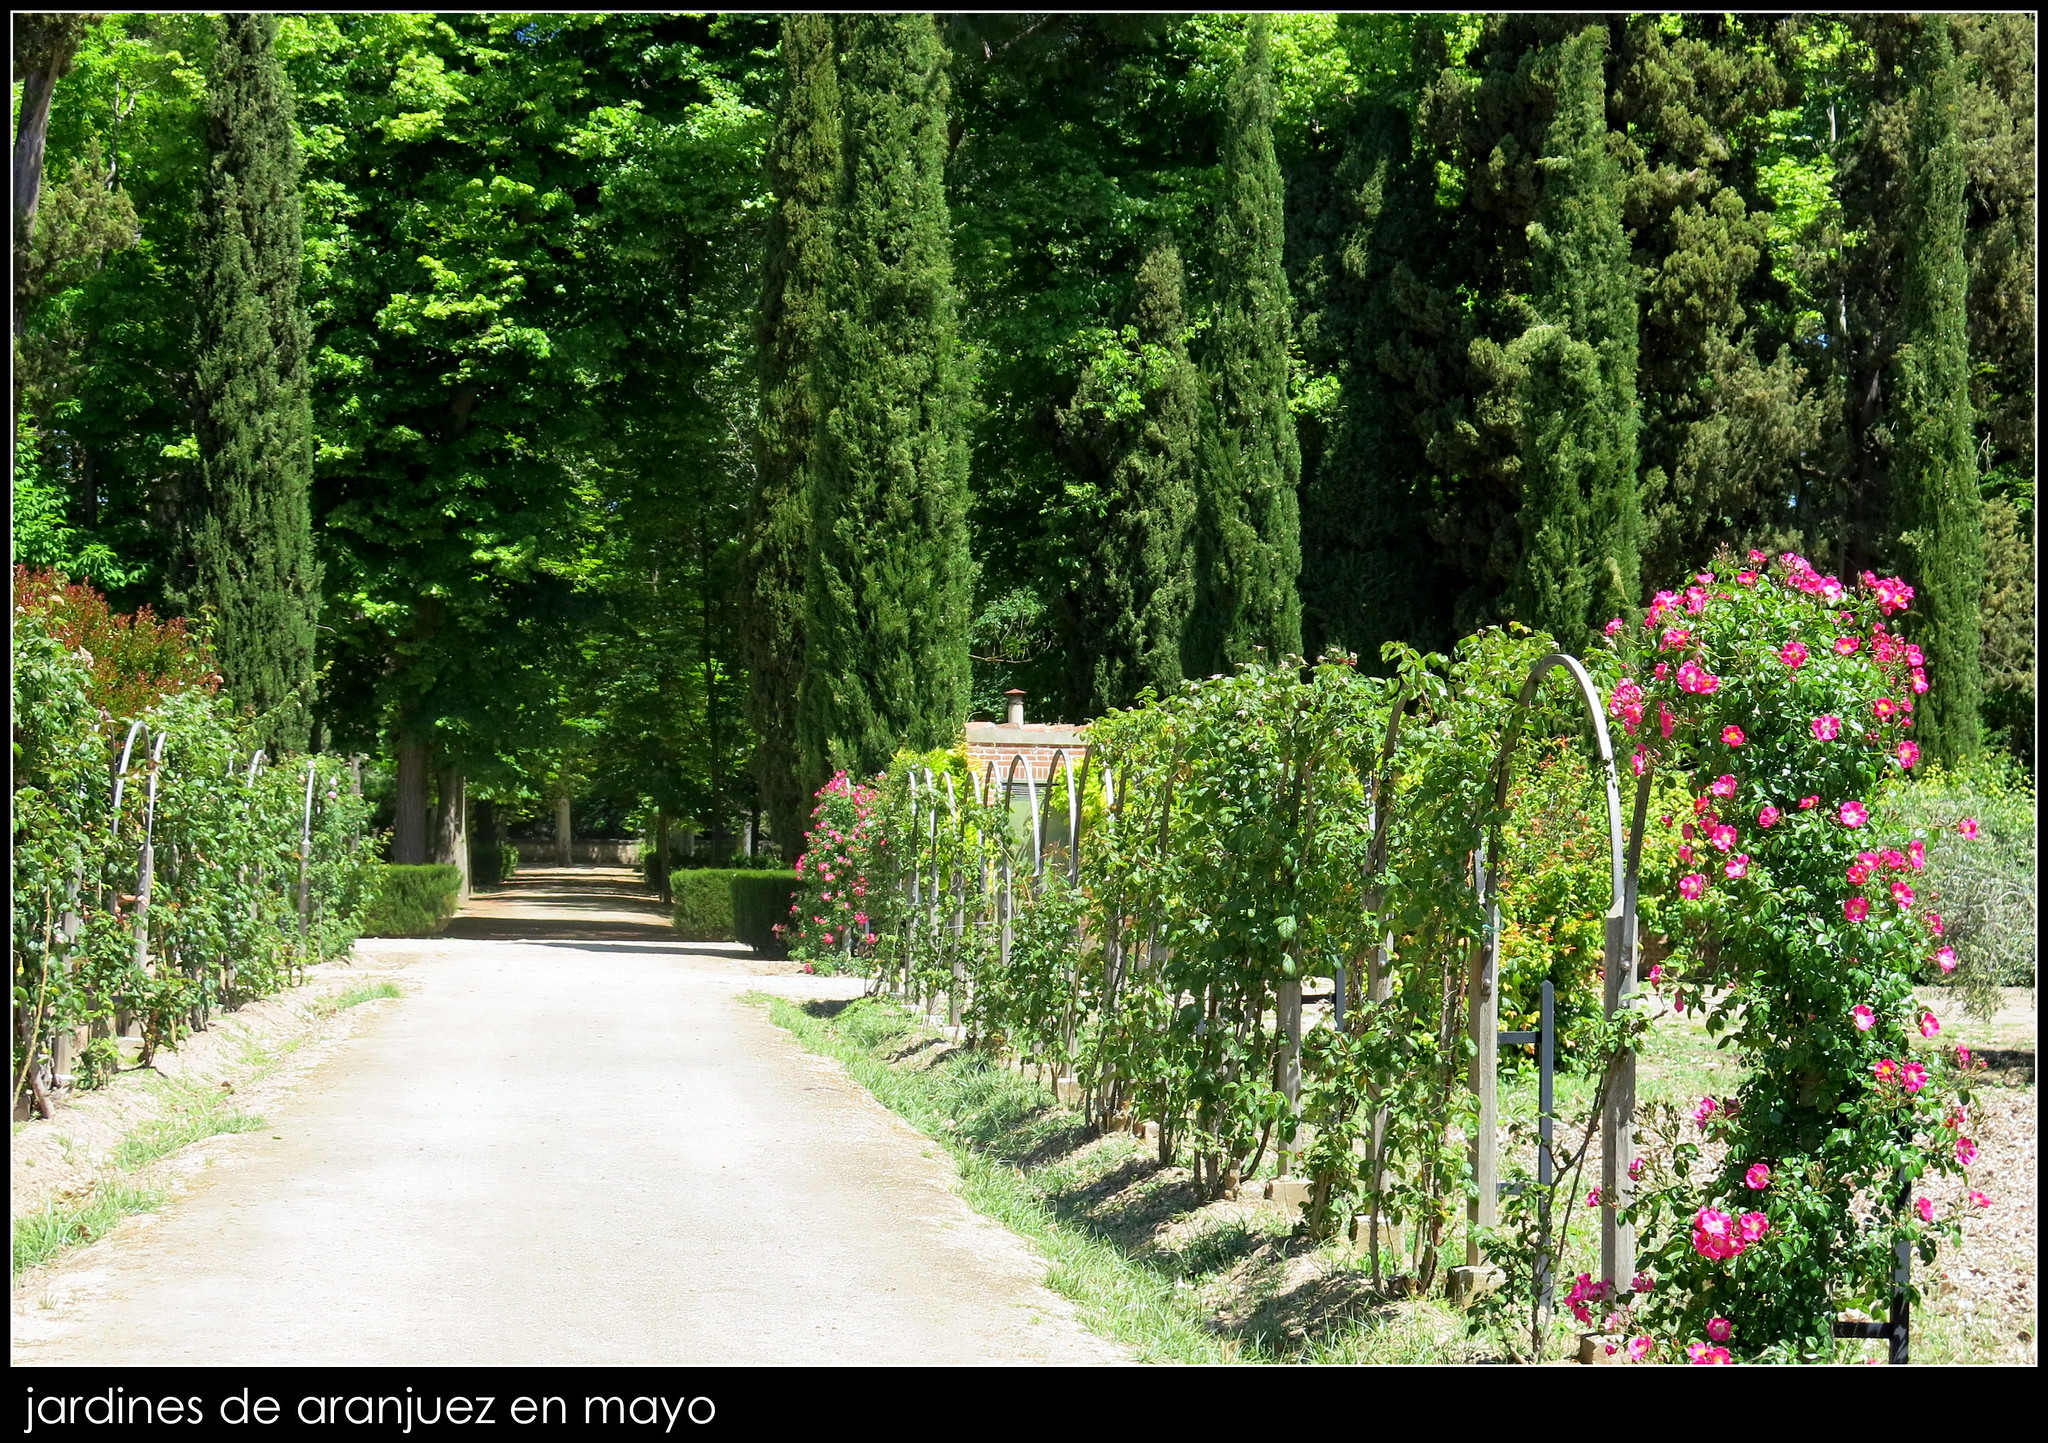 Jardines de aranjuez en mayo y r o tajo jardines de for Jardines de aranjuez horario